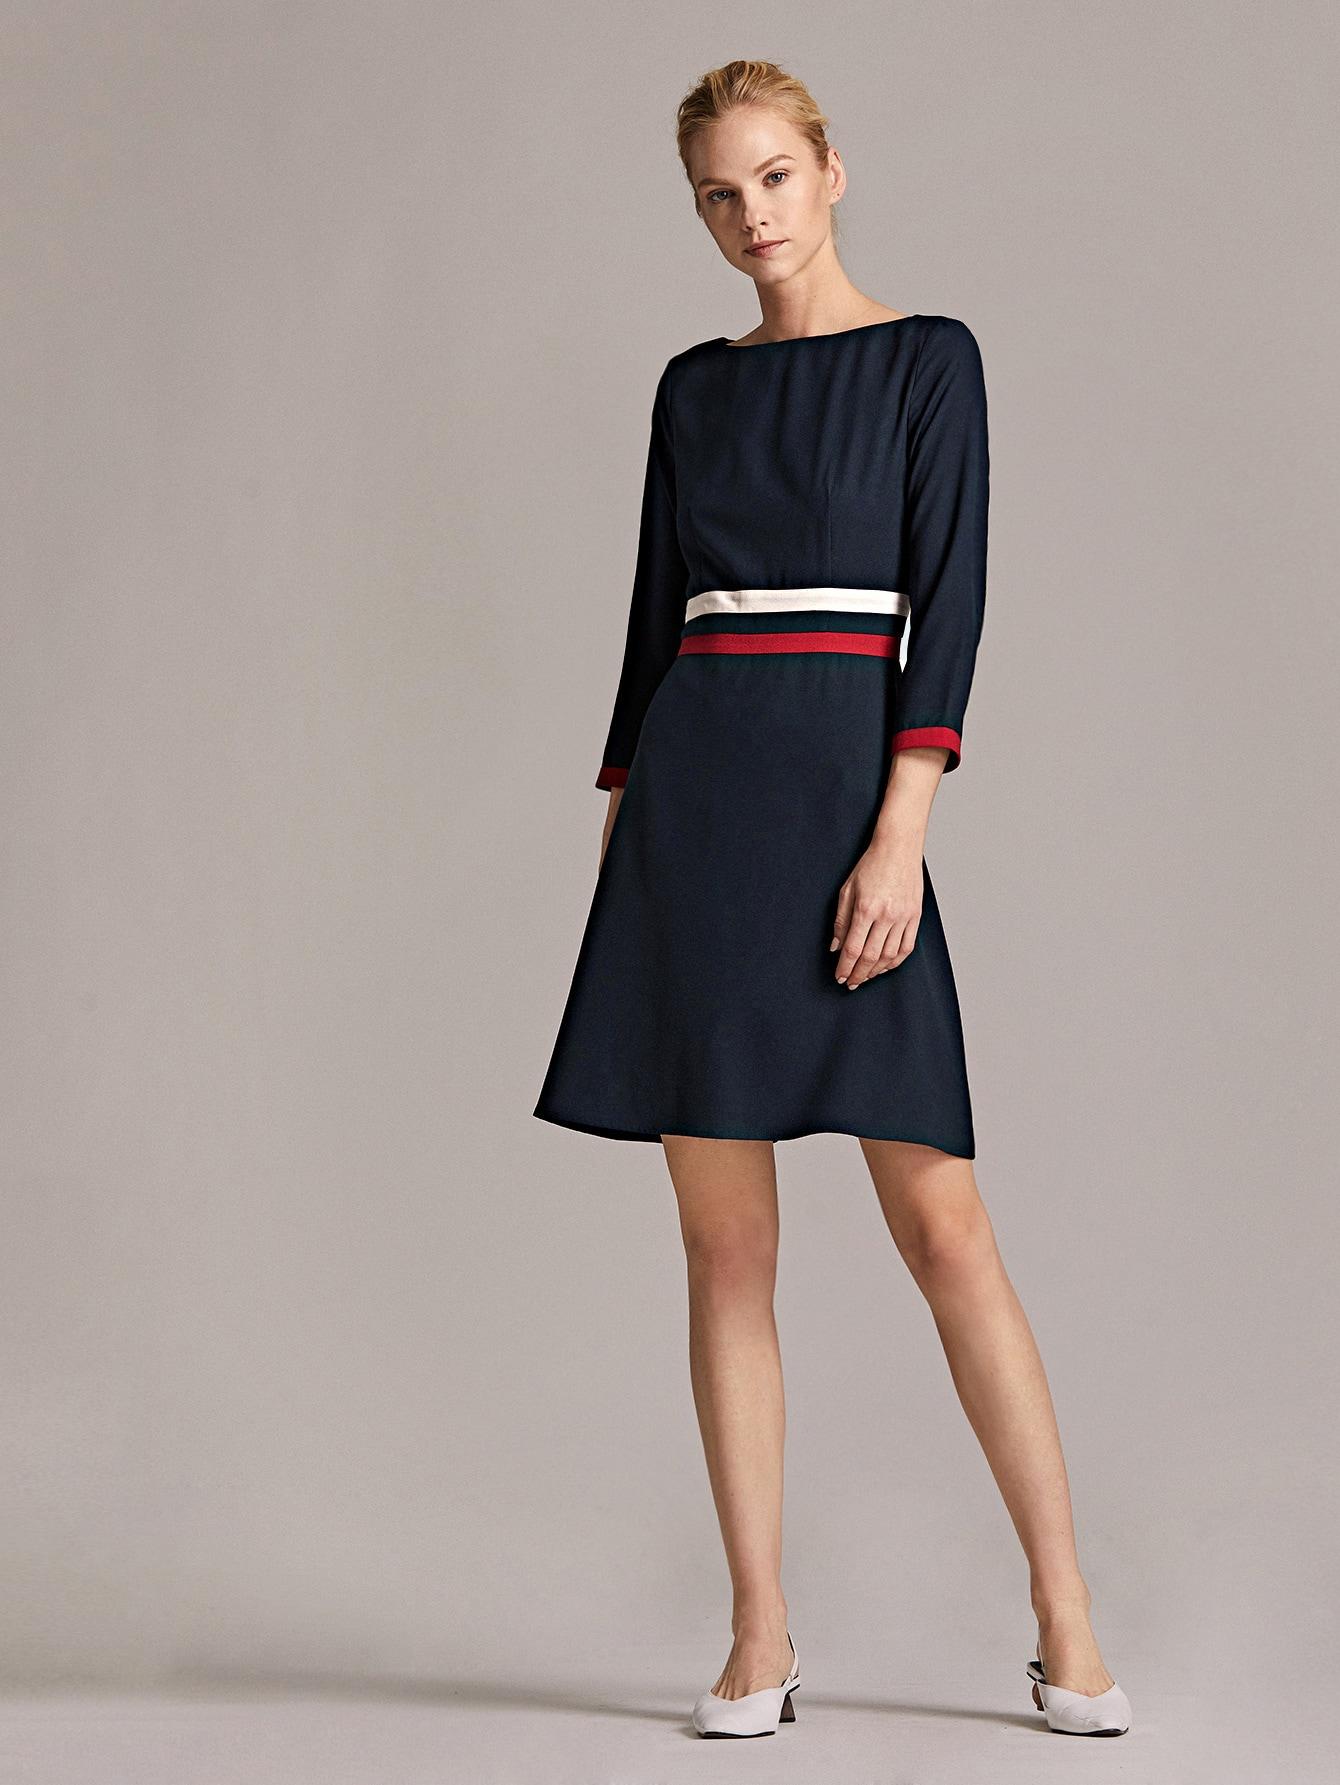 SHEIN / Premium Vestido con cinta de rayas en contraste